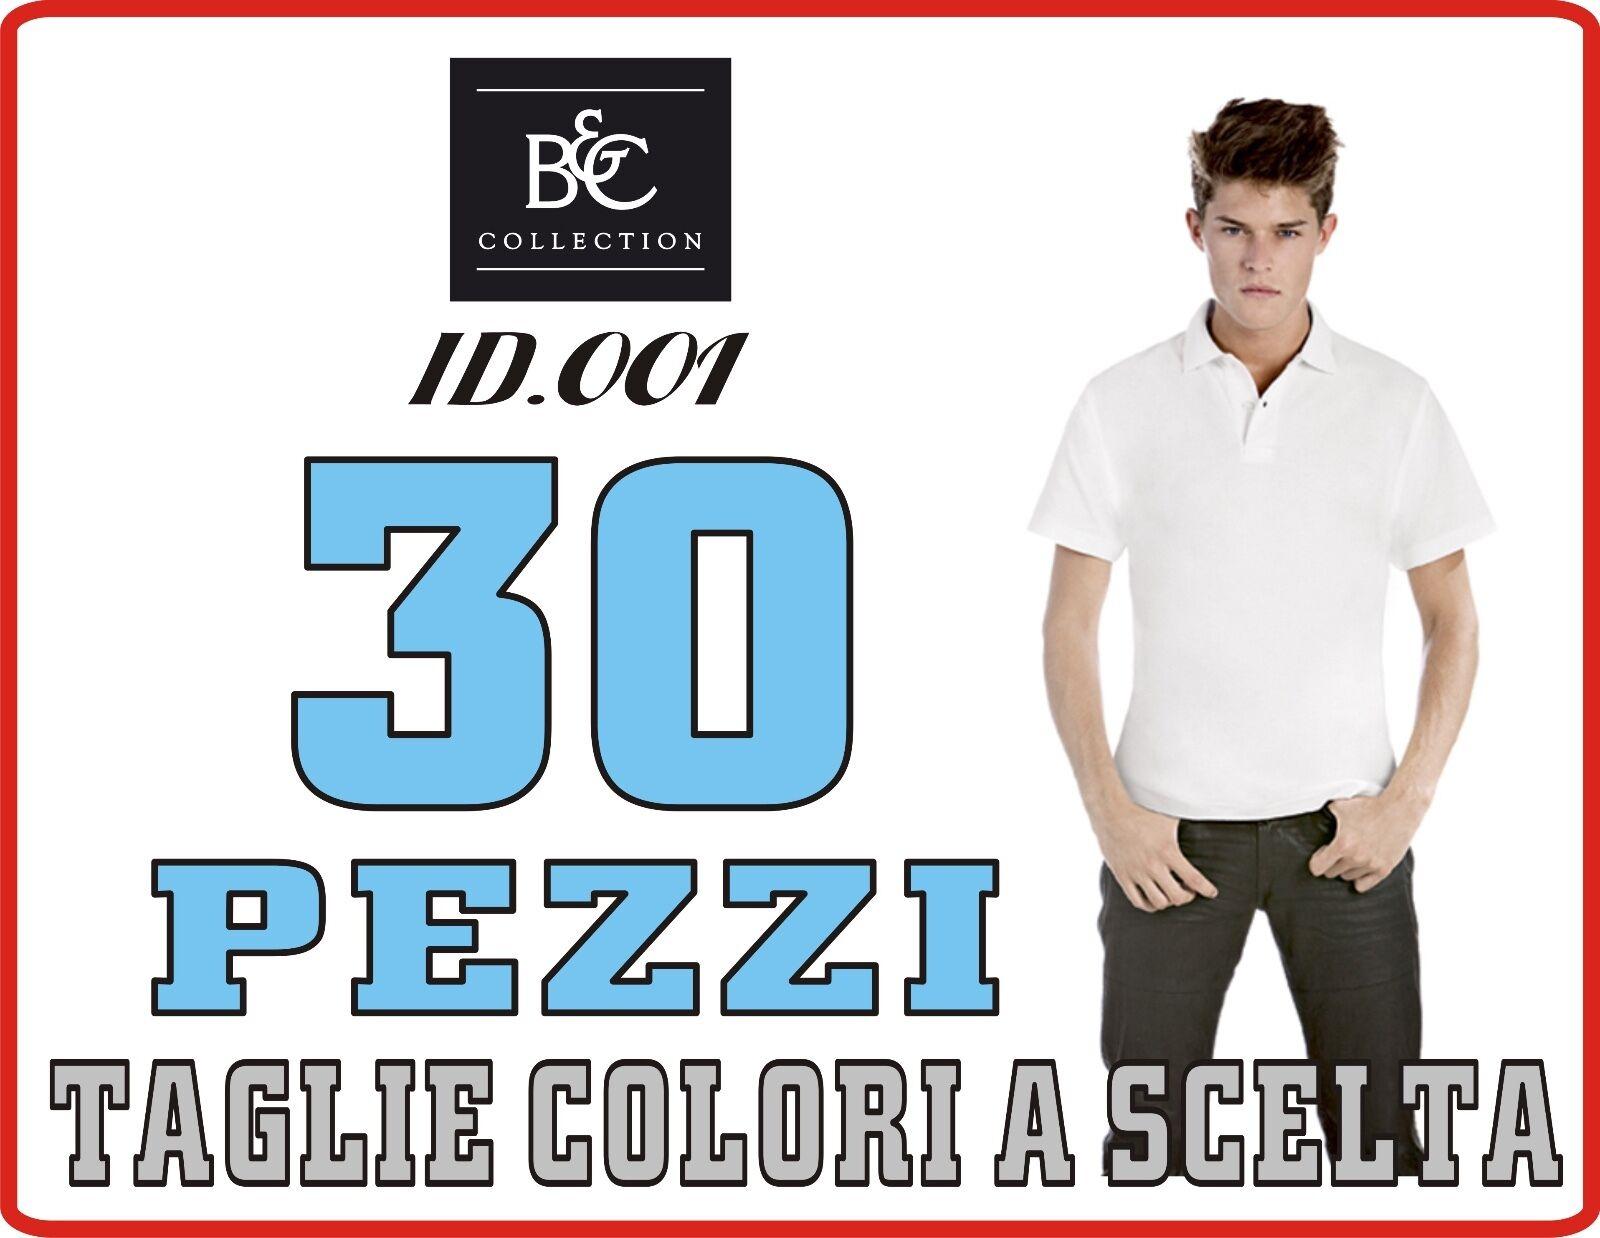 B&C ECONOMICA Polo Cotone ECONOMICA B&C STOCK pezzi 3 a 100 Maglia UOMO Manica Corte 20 COLOR# d52835